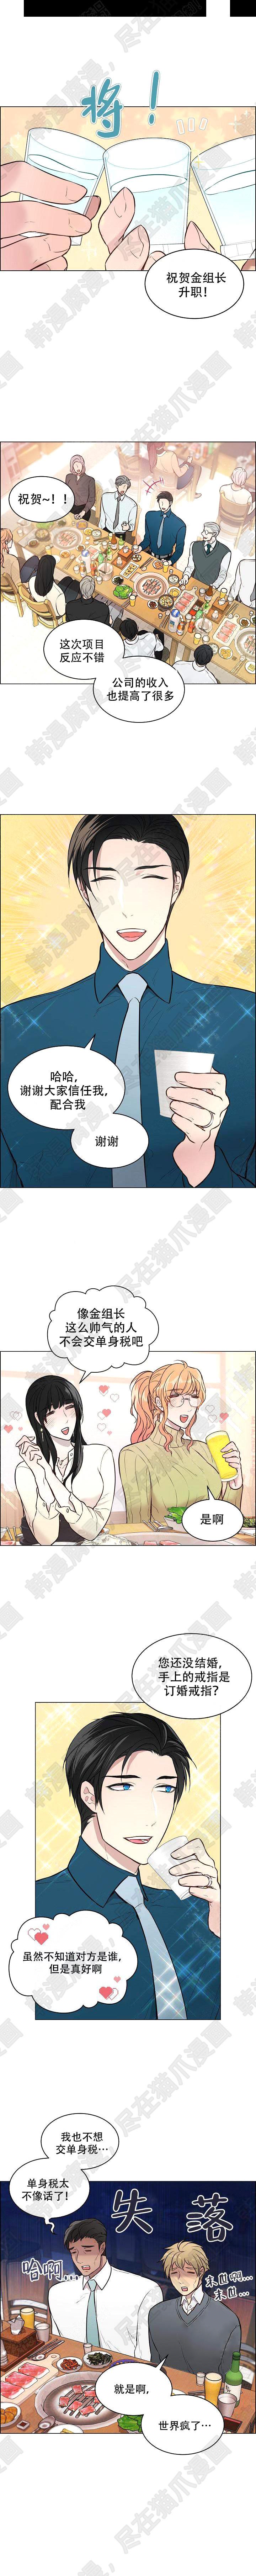 《喜鹊报恩》漫画韩漫&完整版(全文免费阅读)